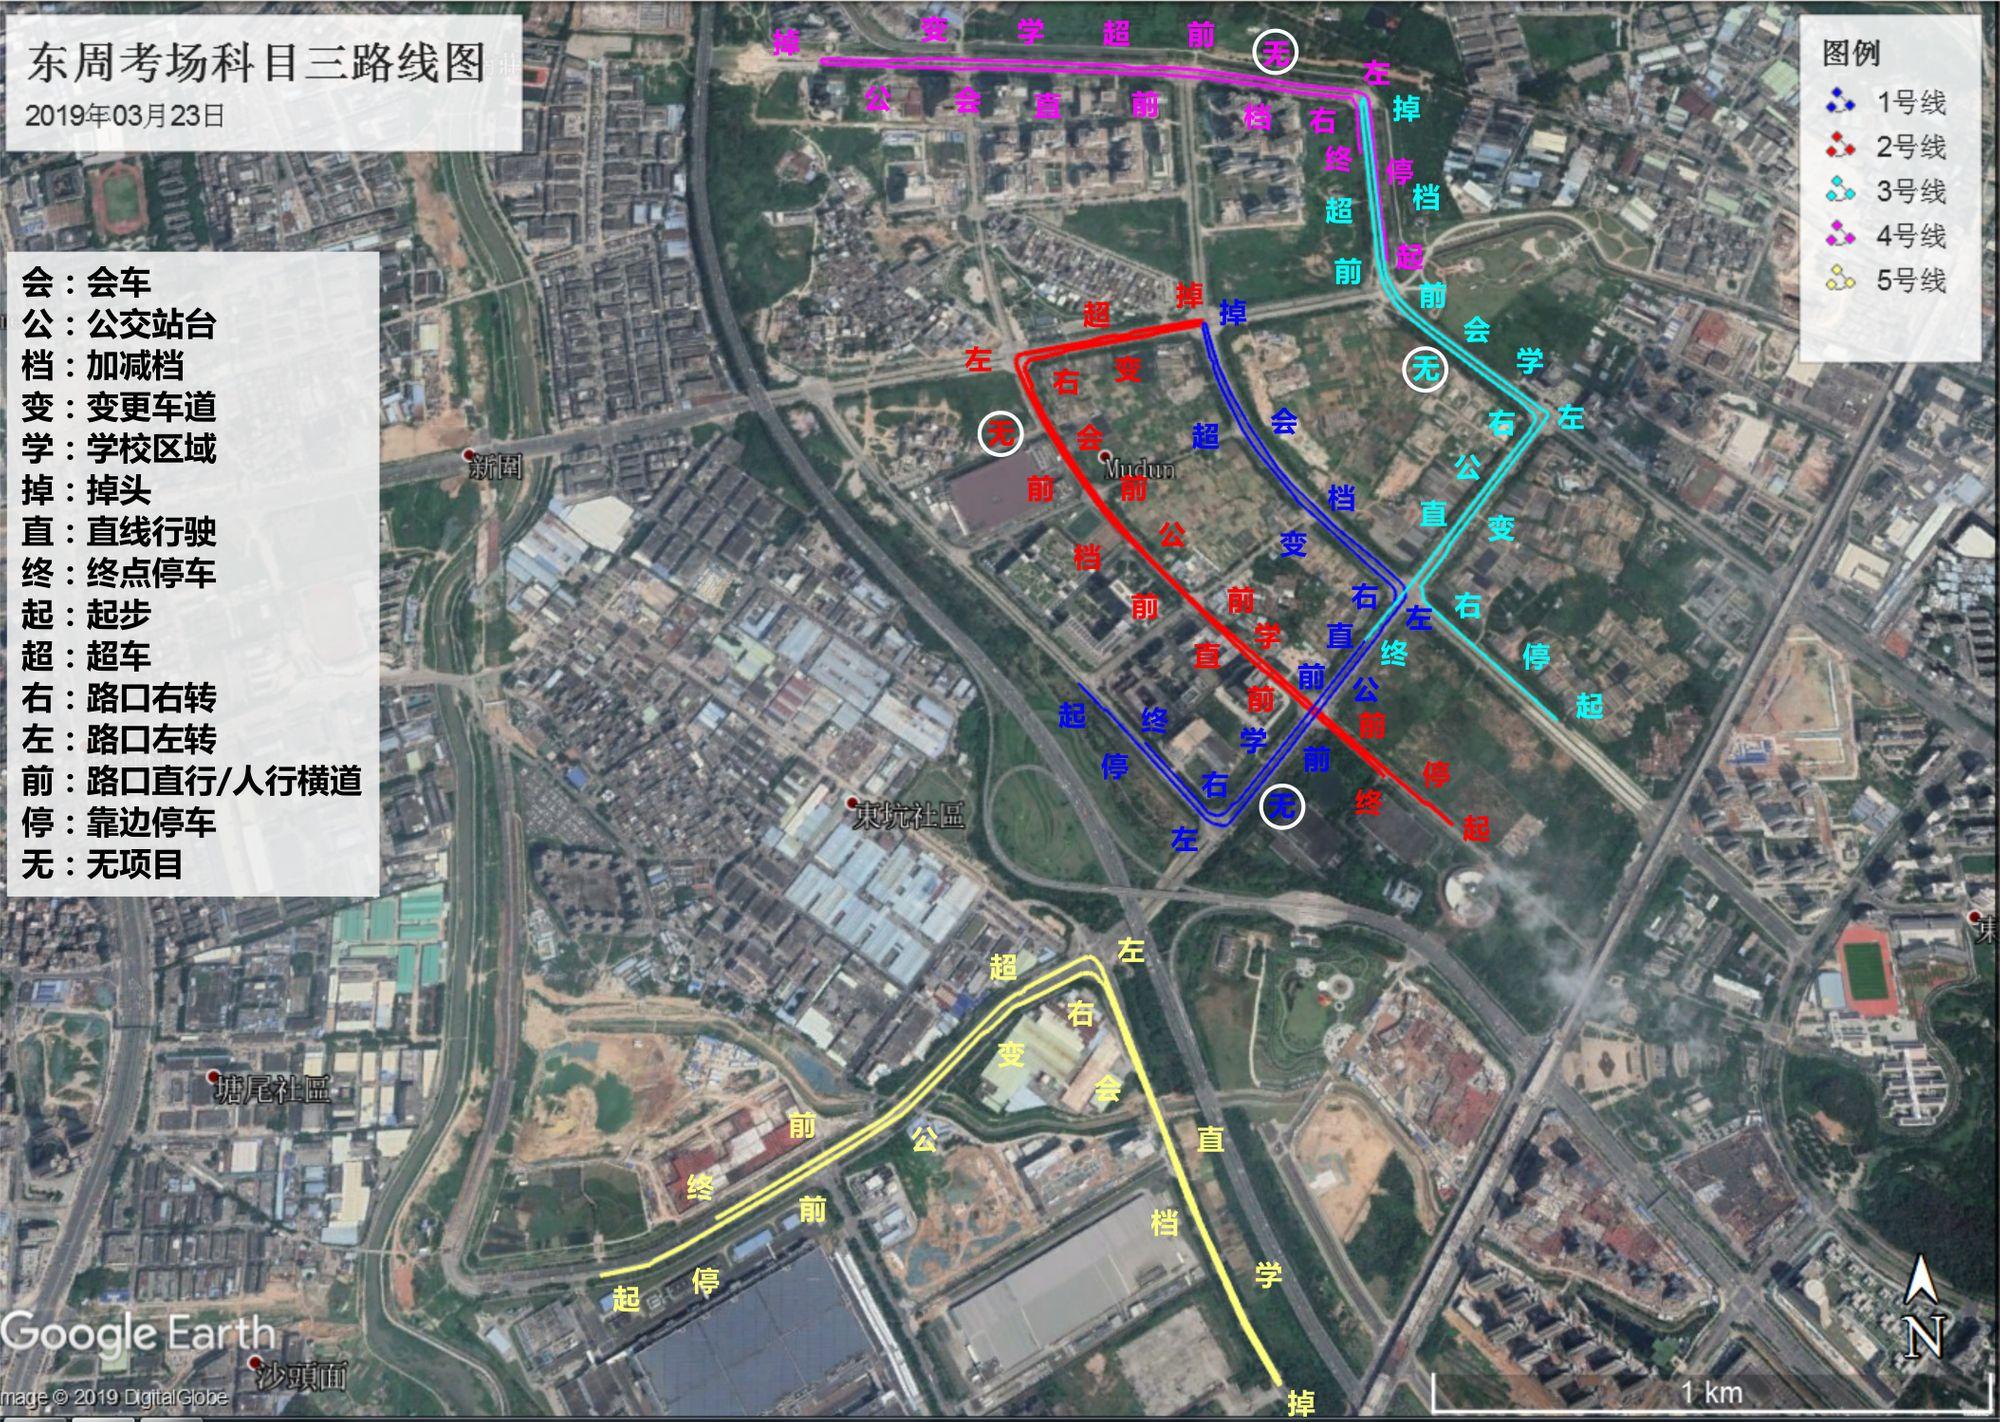 东周考场路线图